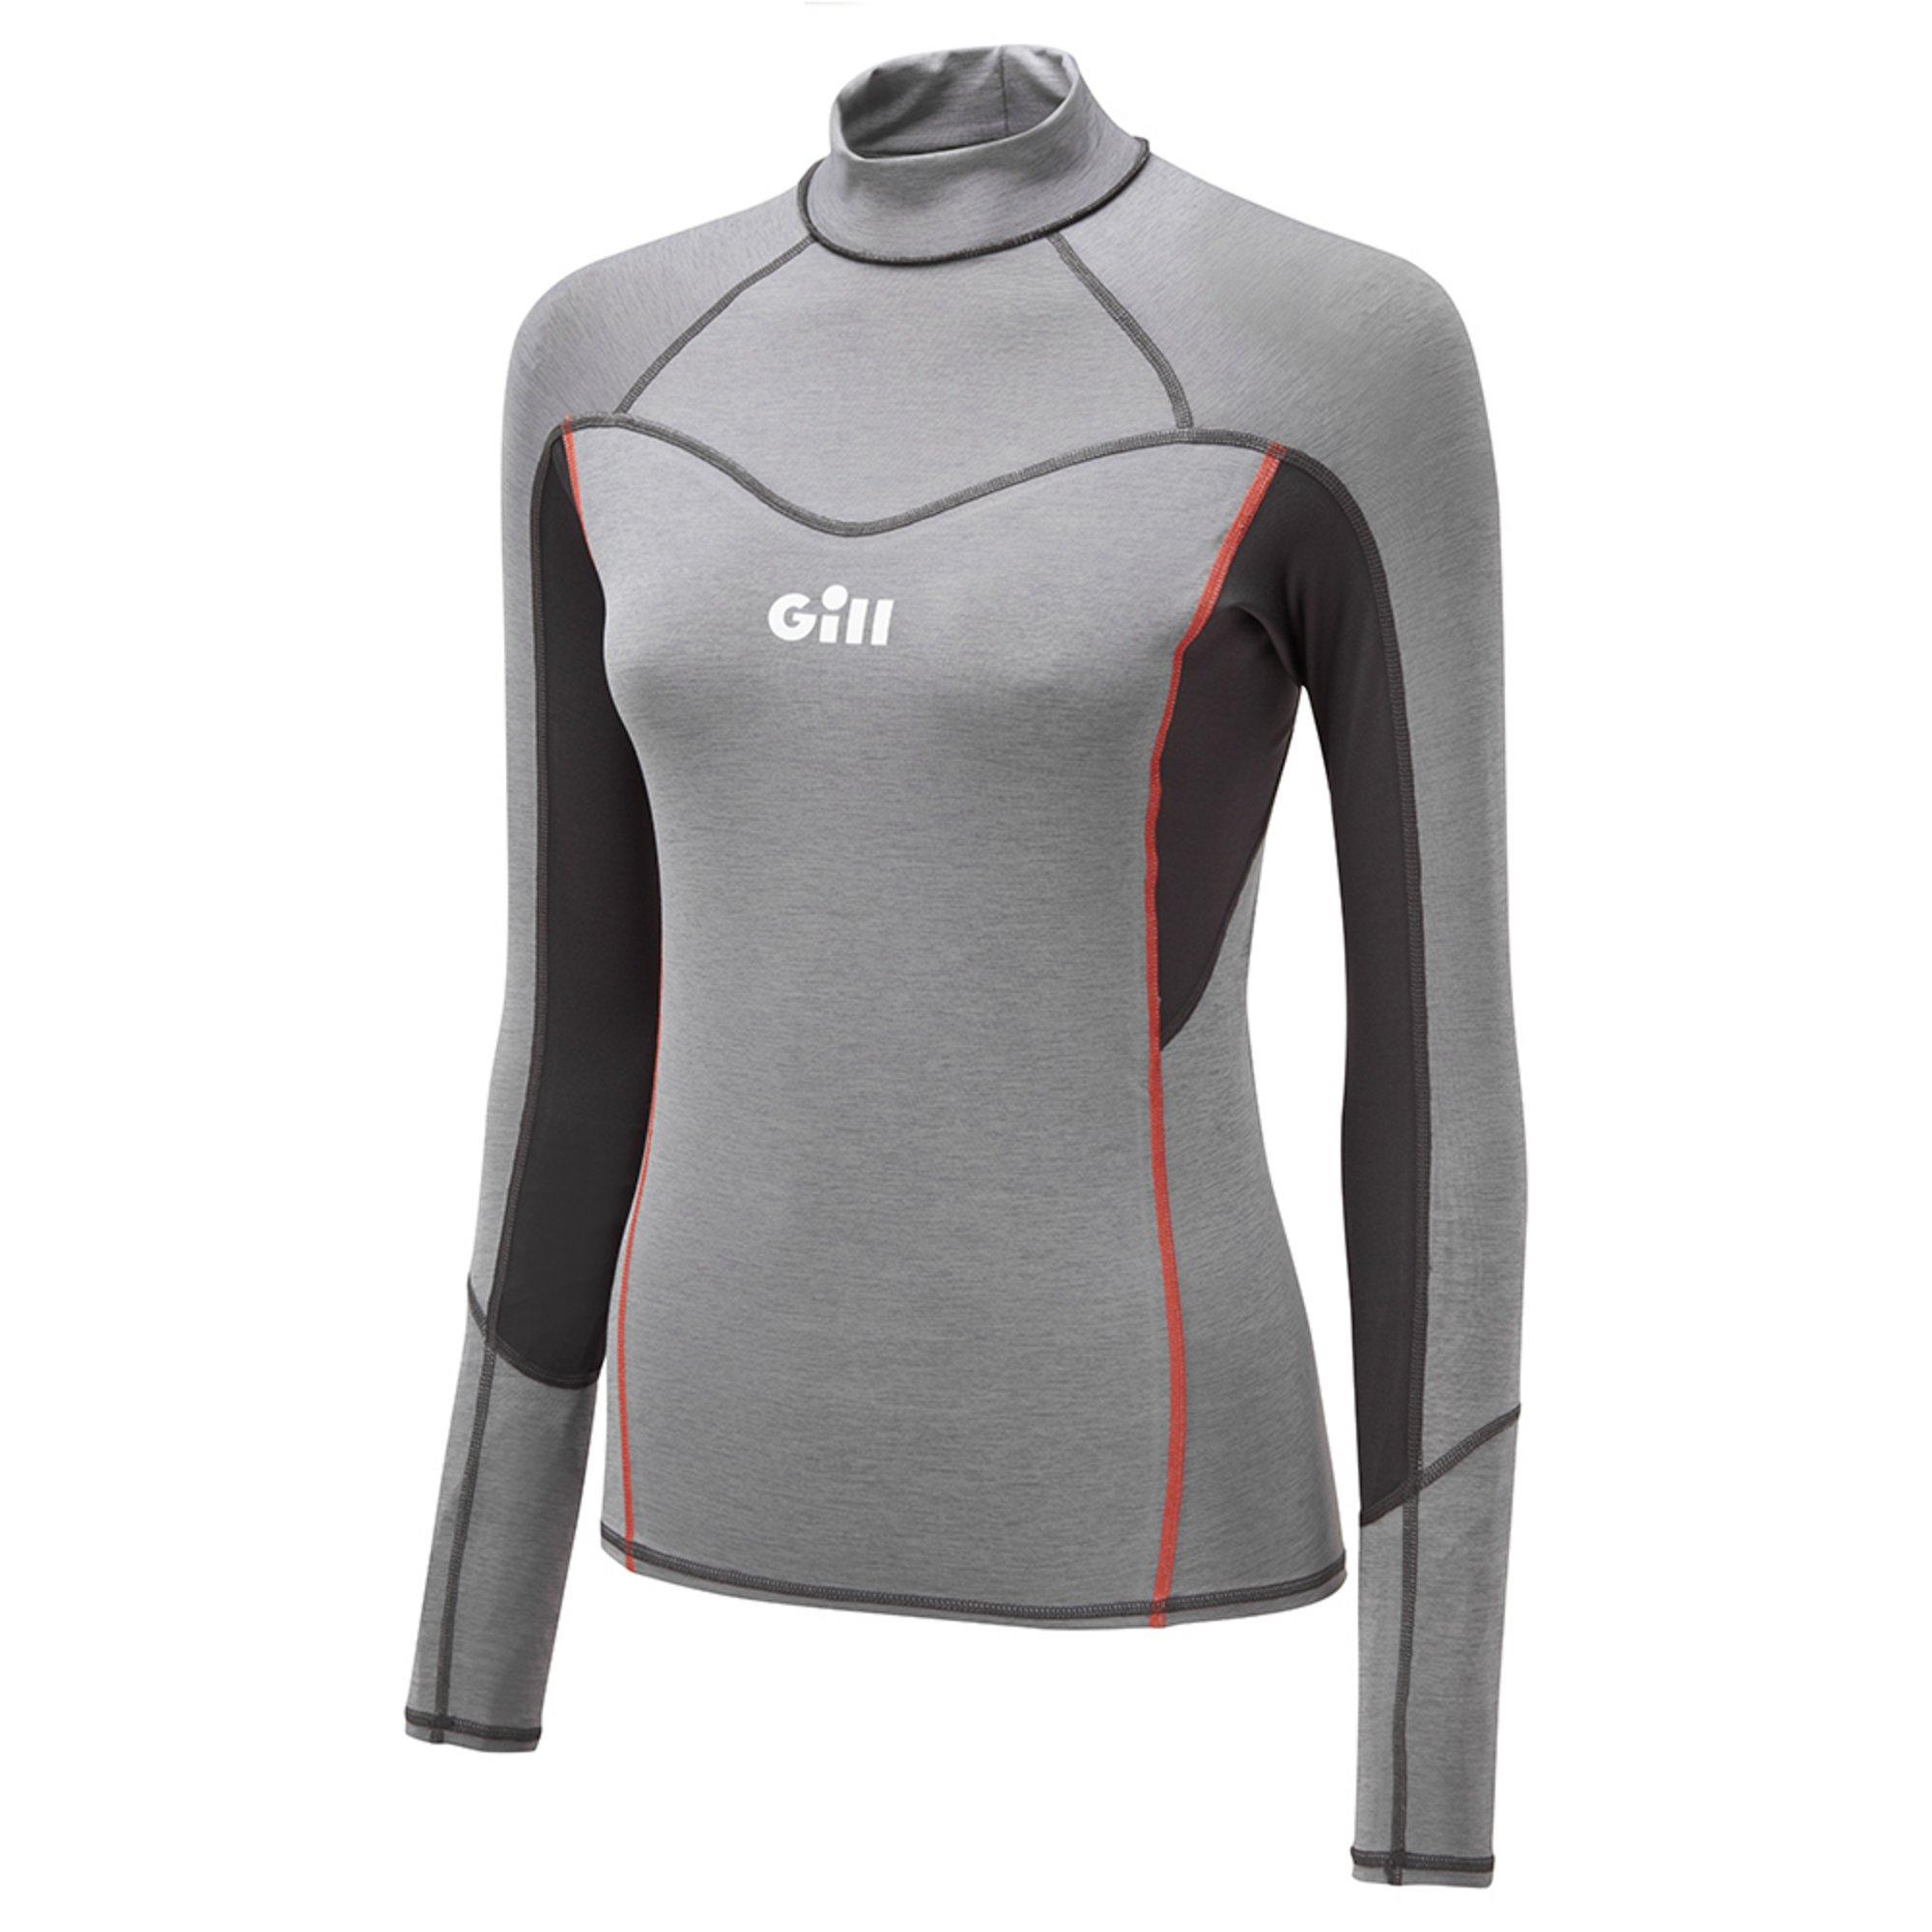 Women's Eco Pro Rash Vest - Long Sleeve - 5025W-GRE18_3.jpg